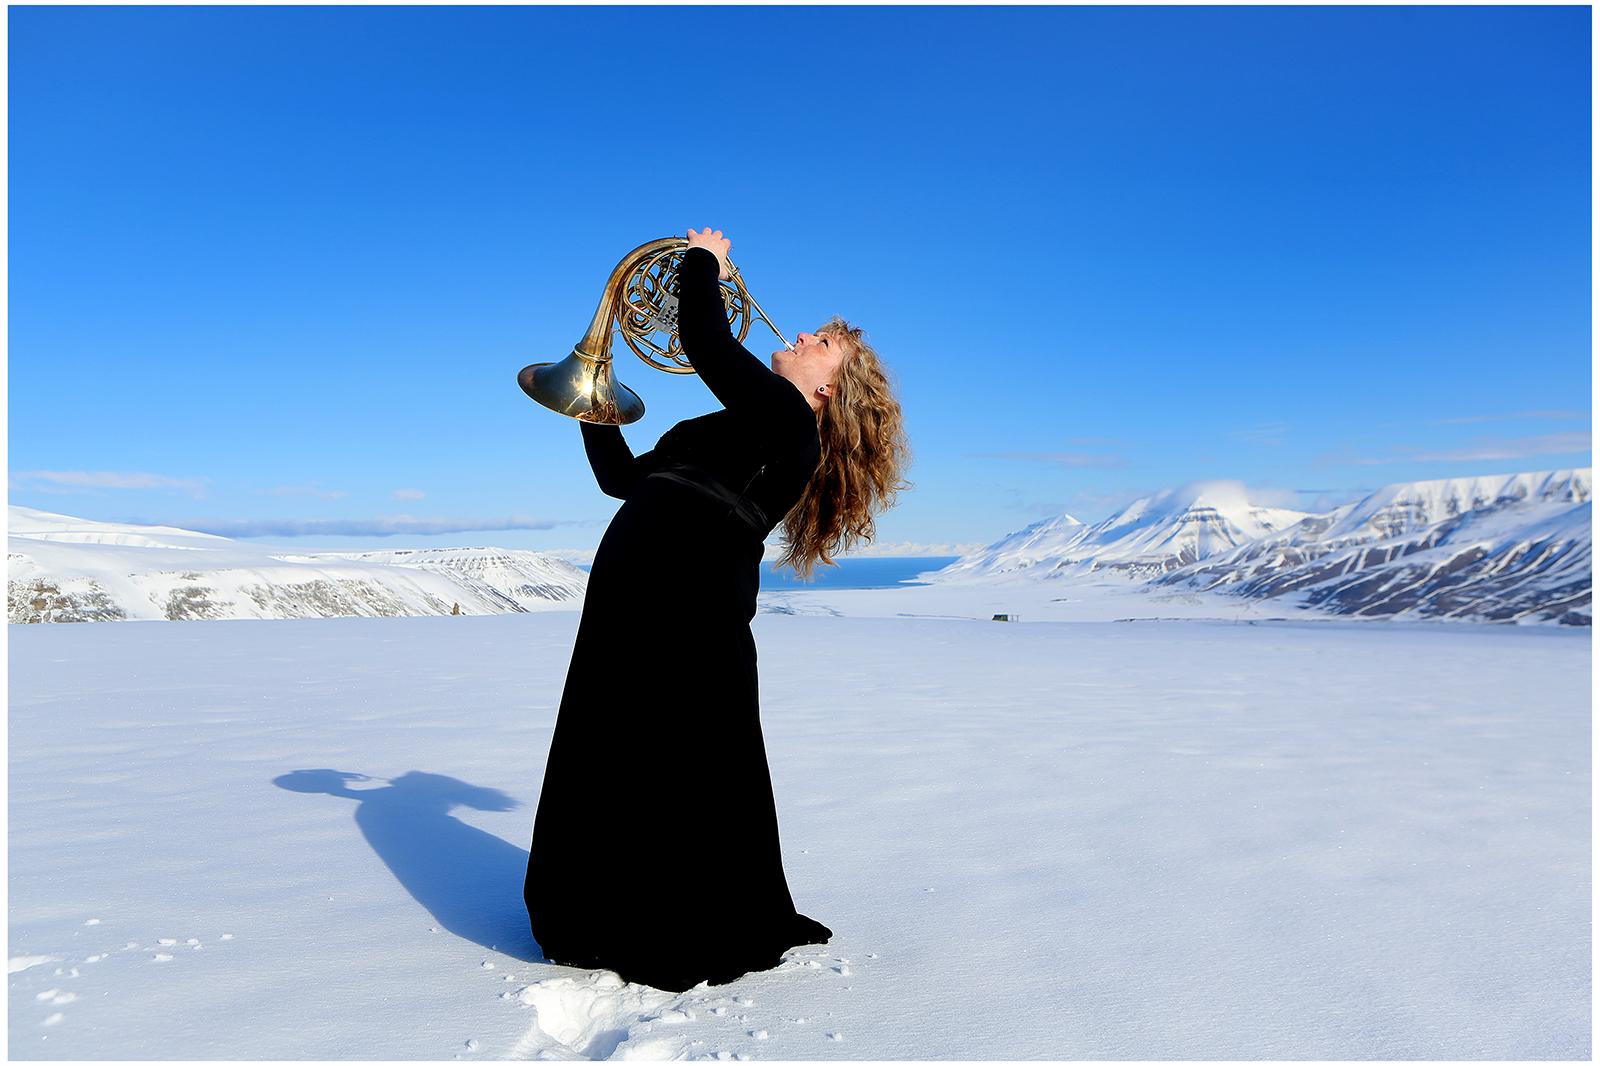 http://arkiv.klassiskmusikk.com/wp-content/uploads/2017/01/NOSO-Svalbard-66.jpg